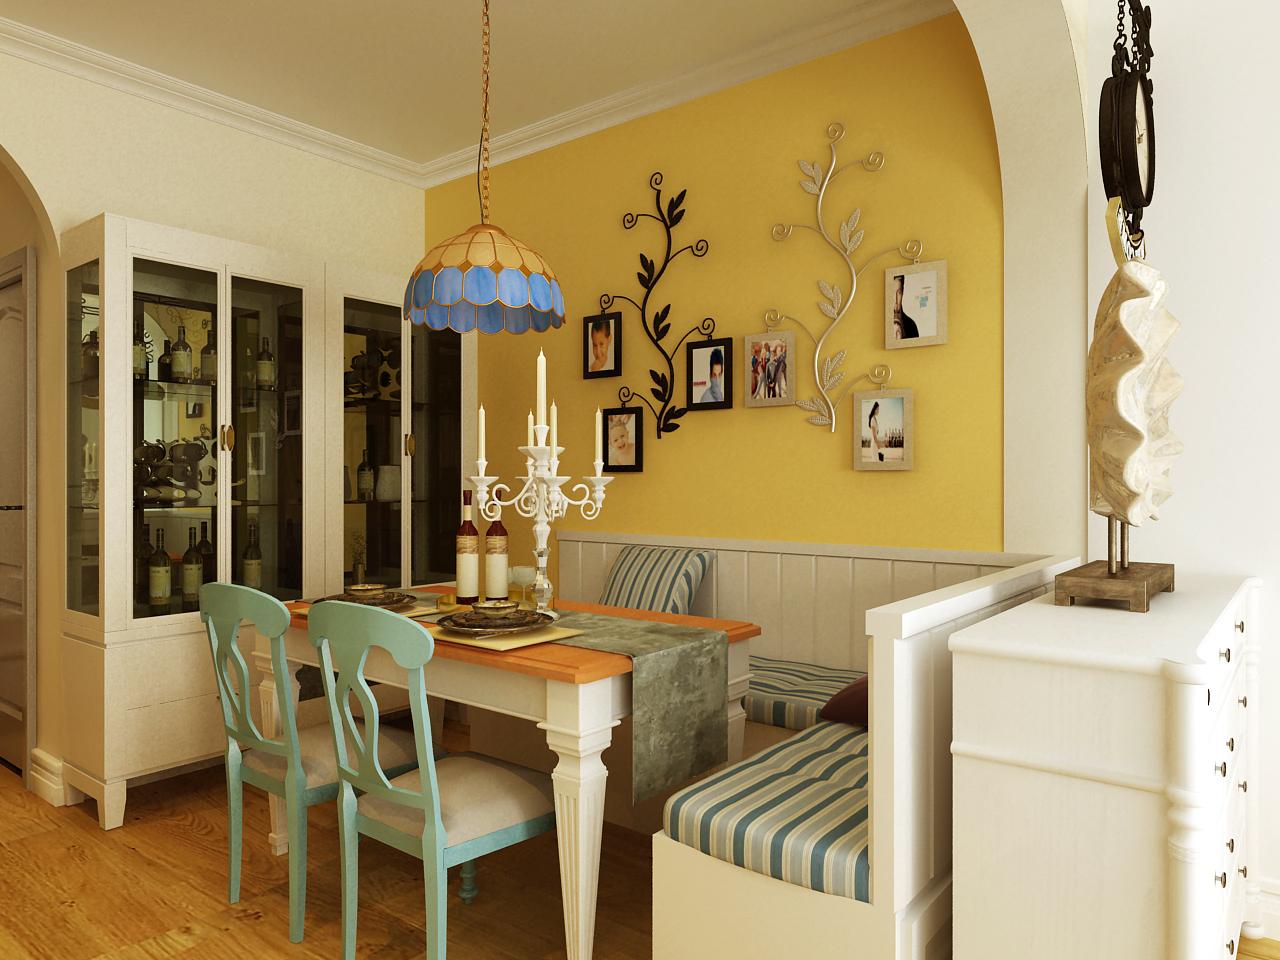 餐厅图片来自亚光亚神设手富成在默认专辑的分享